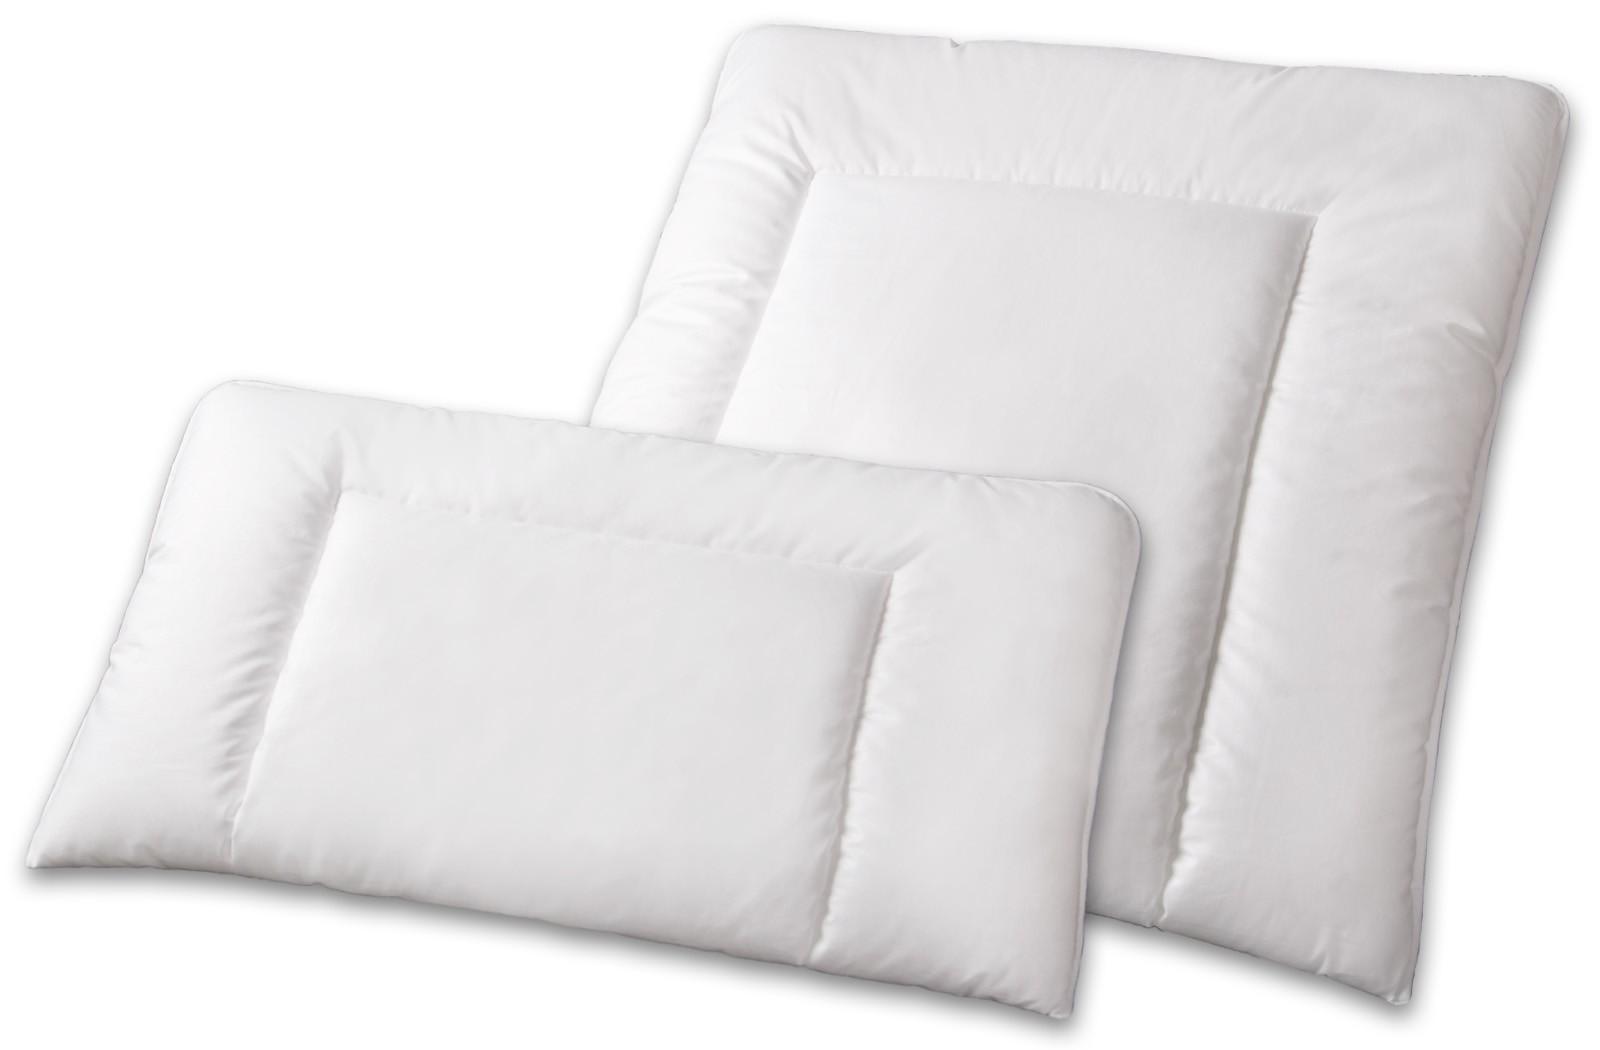 Bauchschläferkissen Kissen Baumwolle waschbar 60° Bea – Bild 1